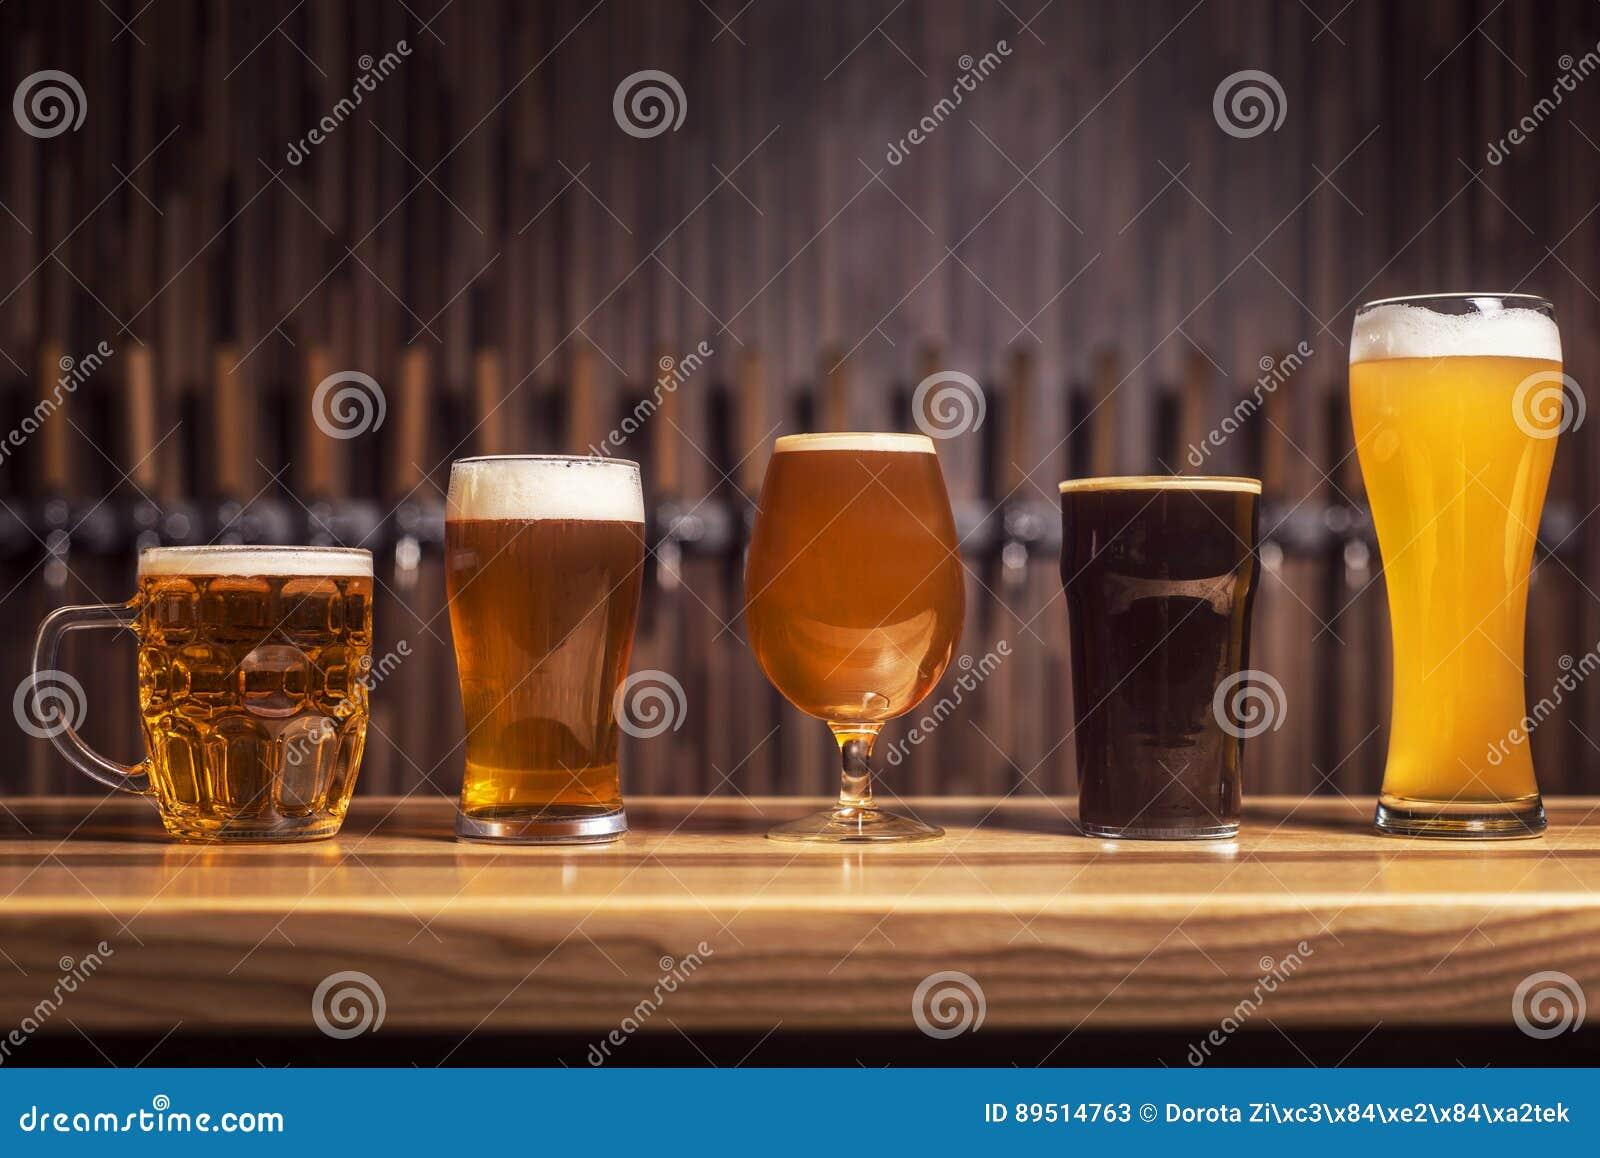 Flera olika öl står i rad på stången